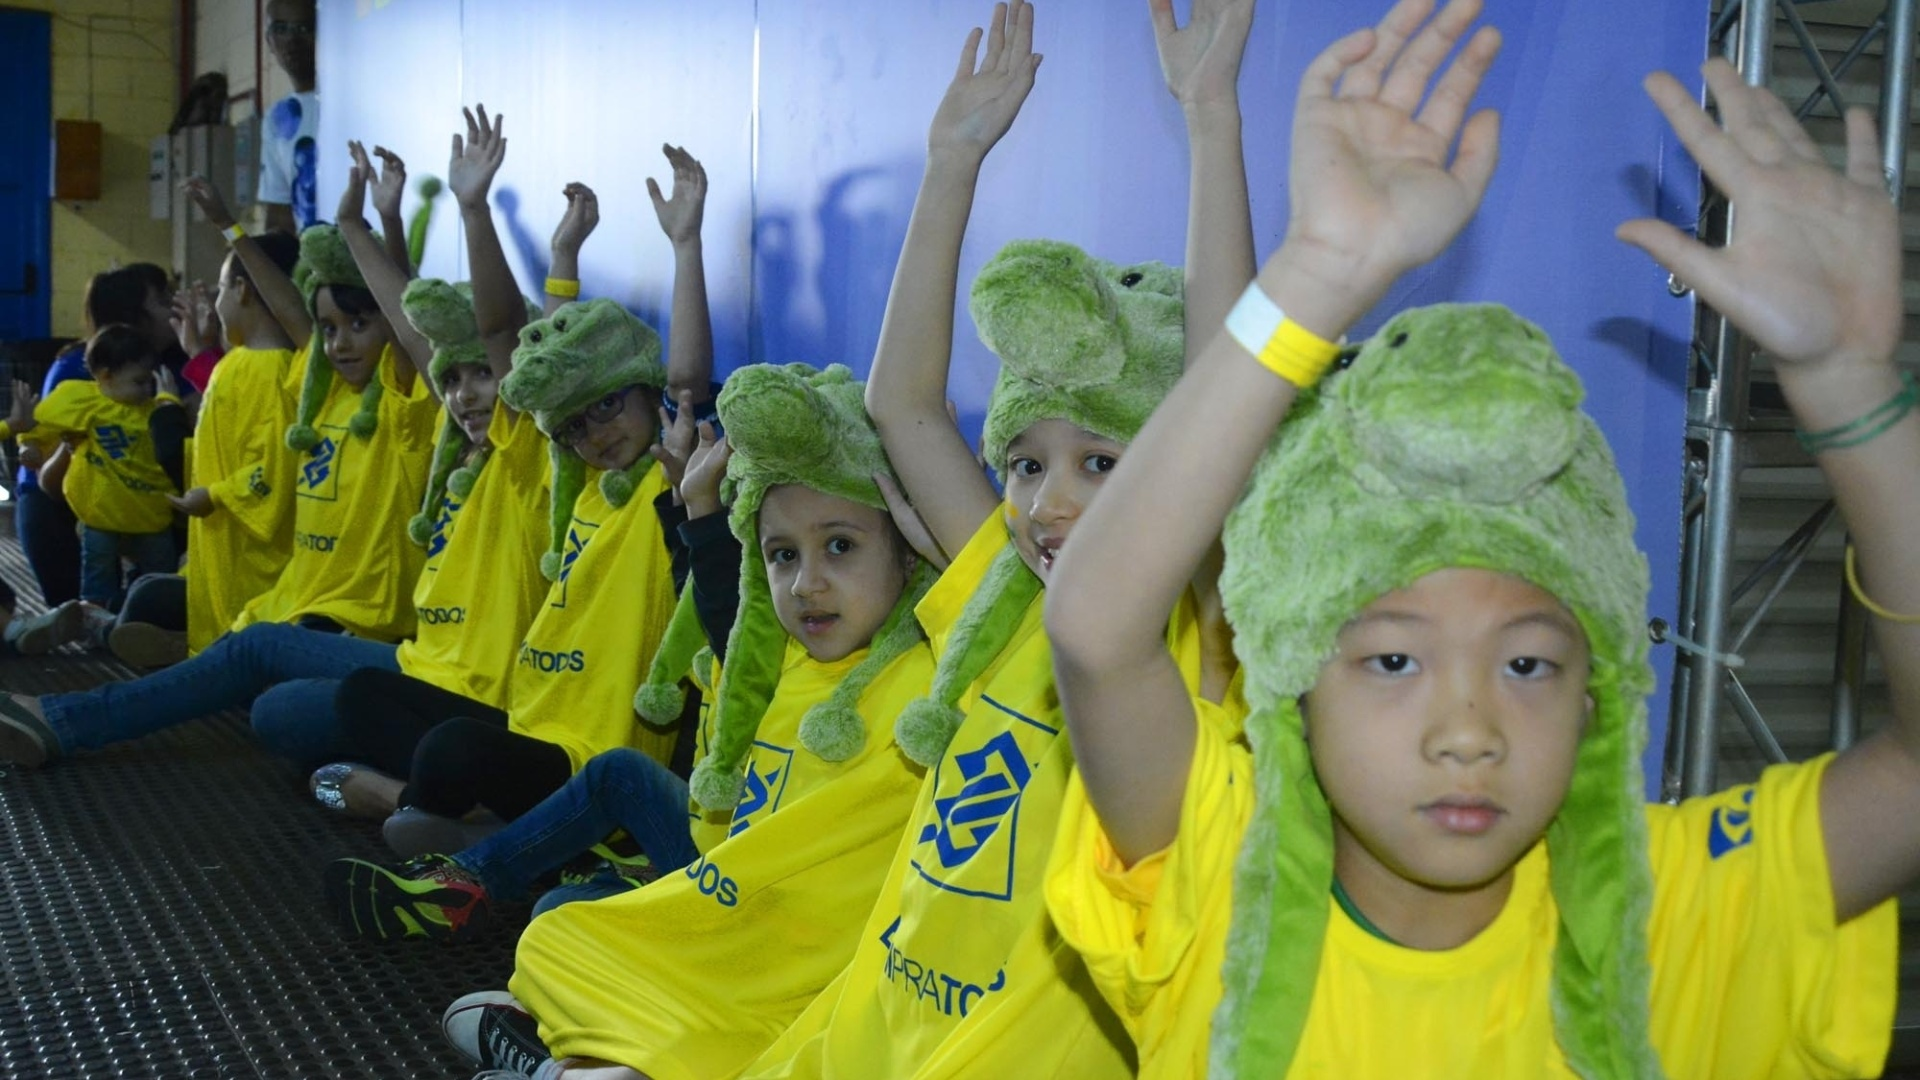 Criançada entrou com o time brasileiro no ginásio em São Bernardo do Campo